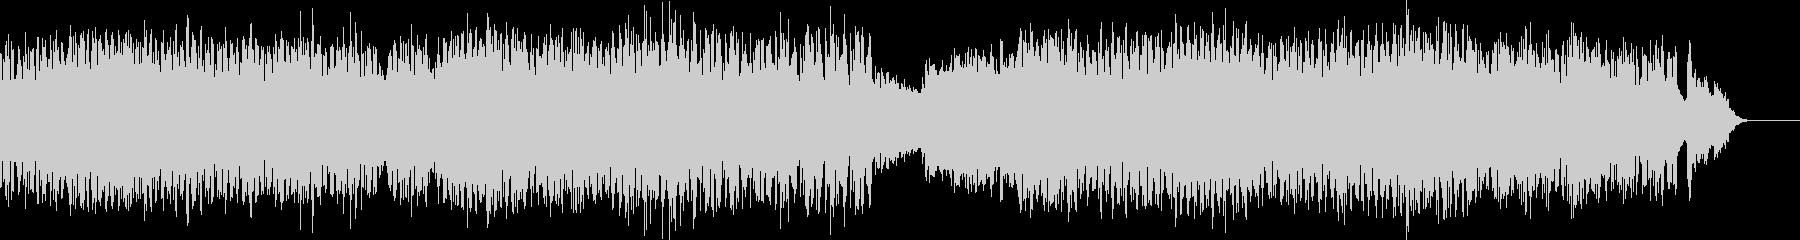 ベートーベン月光ヒップホップの未再生の波形